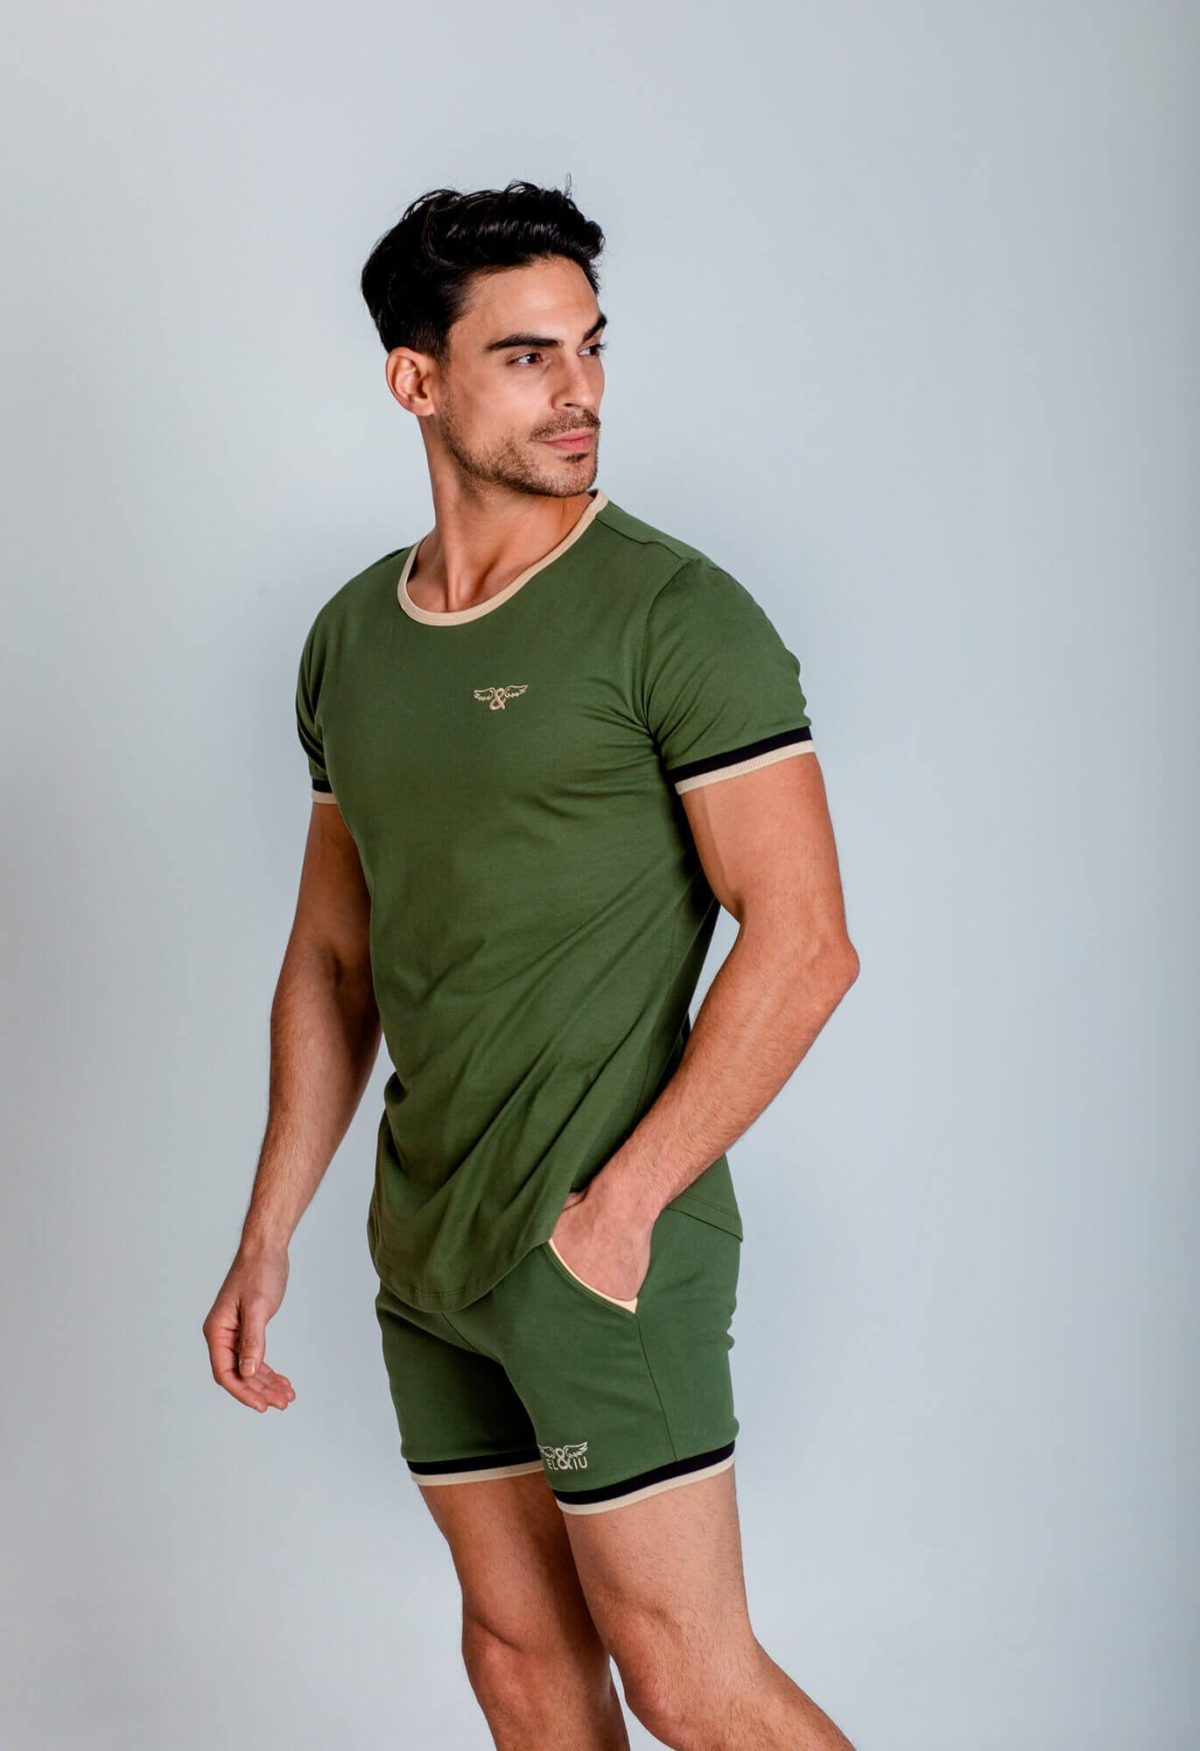 Camiseta deportiva 100% algodón. Ropa de deporte estilo urbano ELIU streetwear.